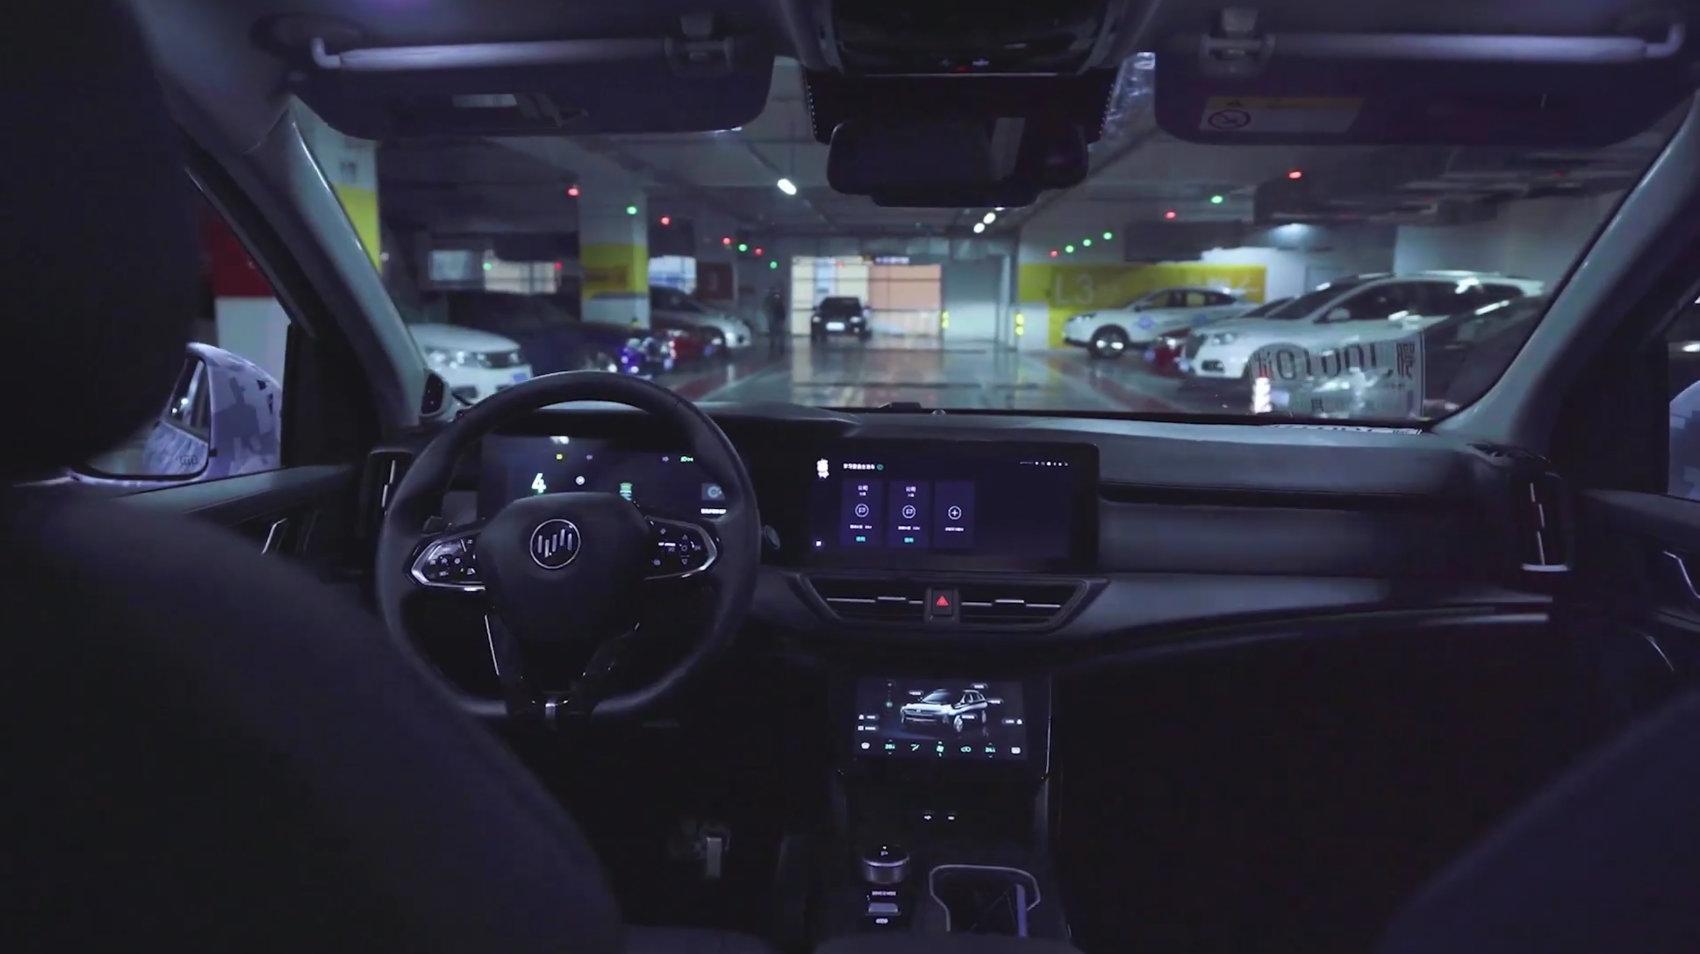 Baidu Autonomous Vehicle